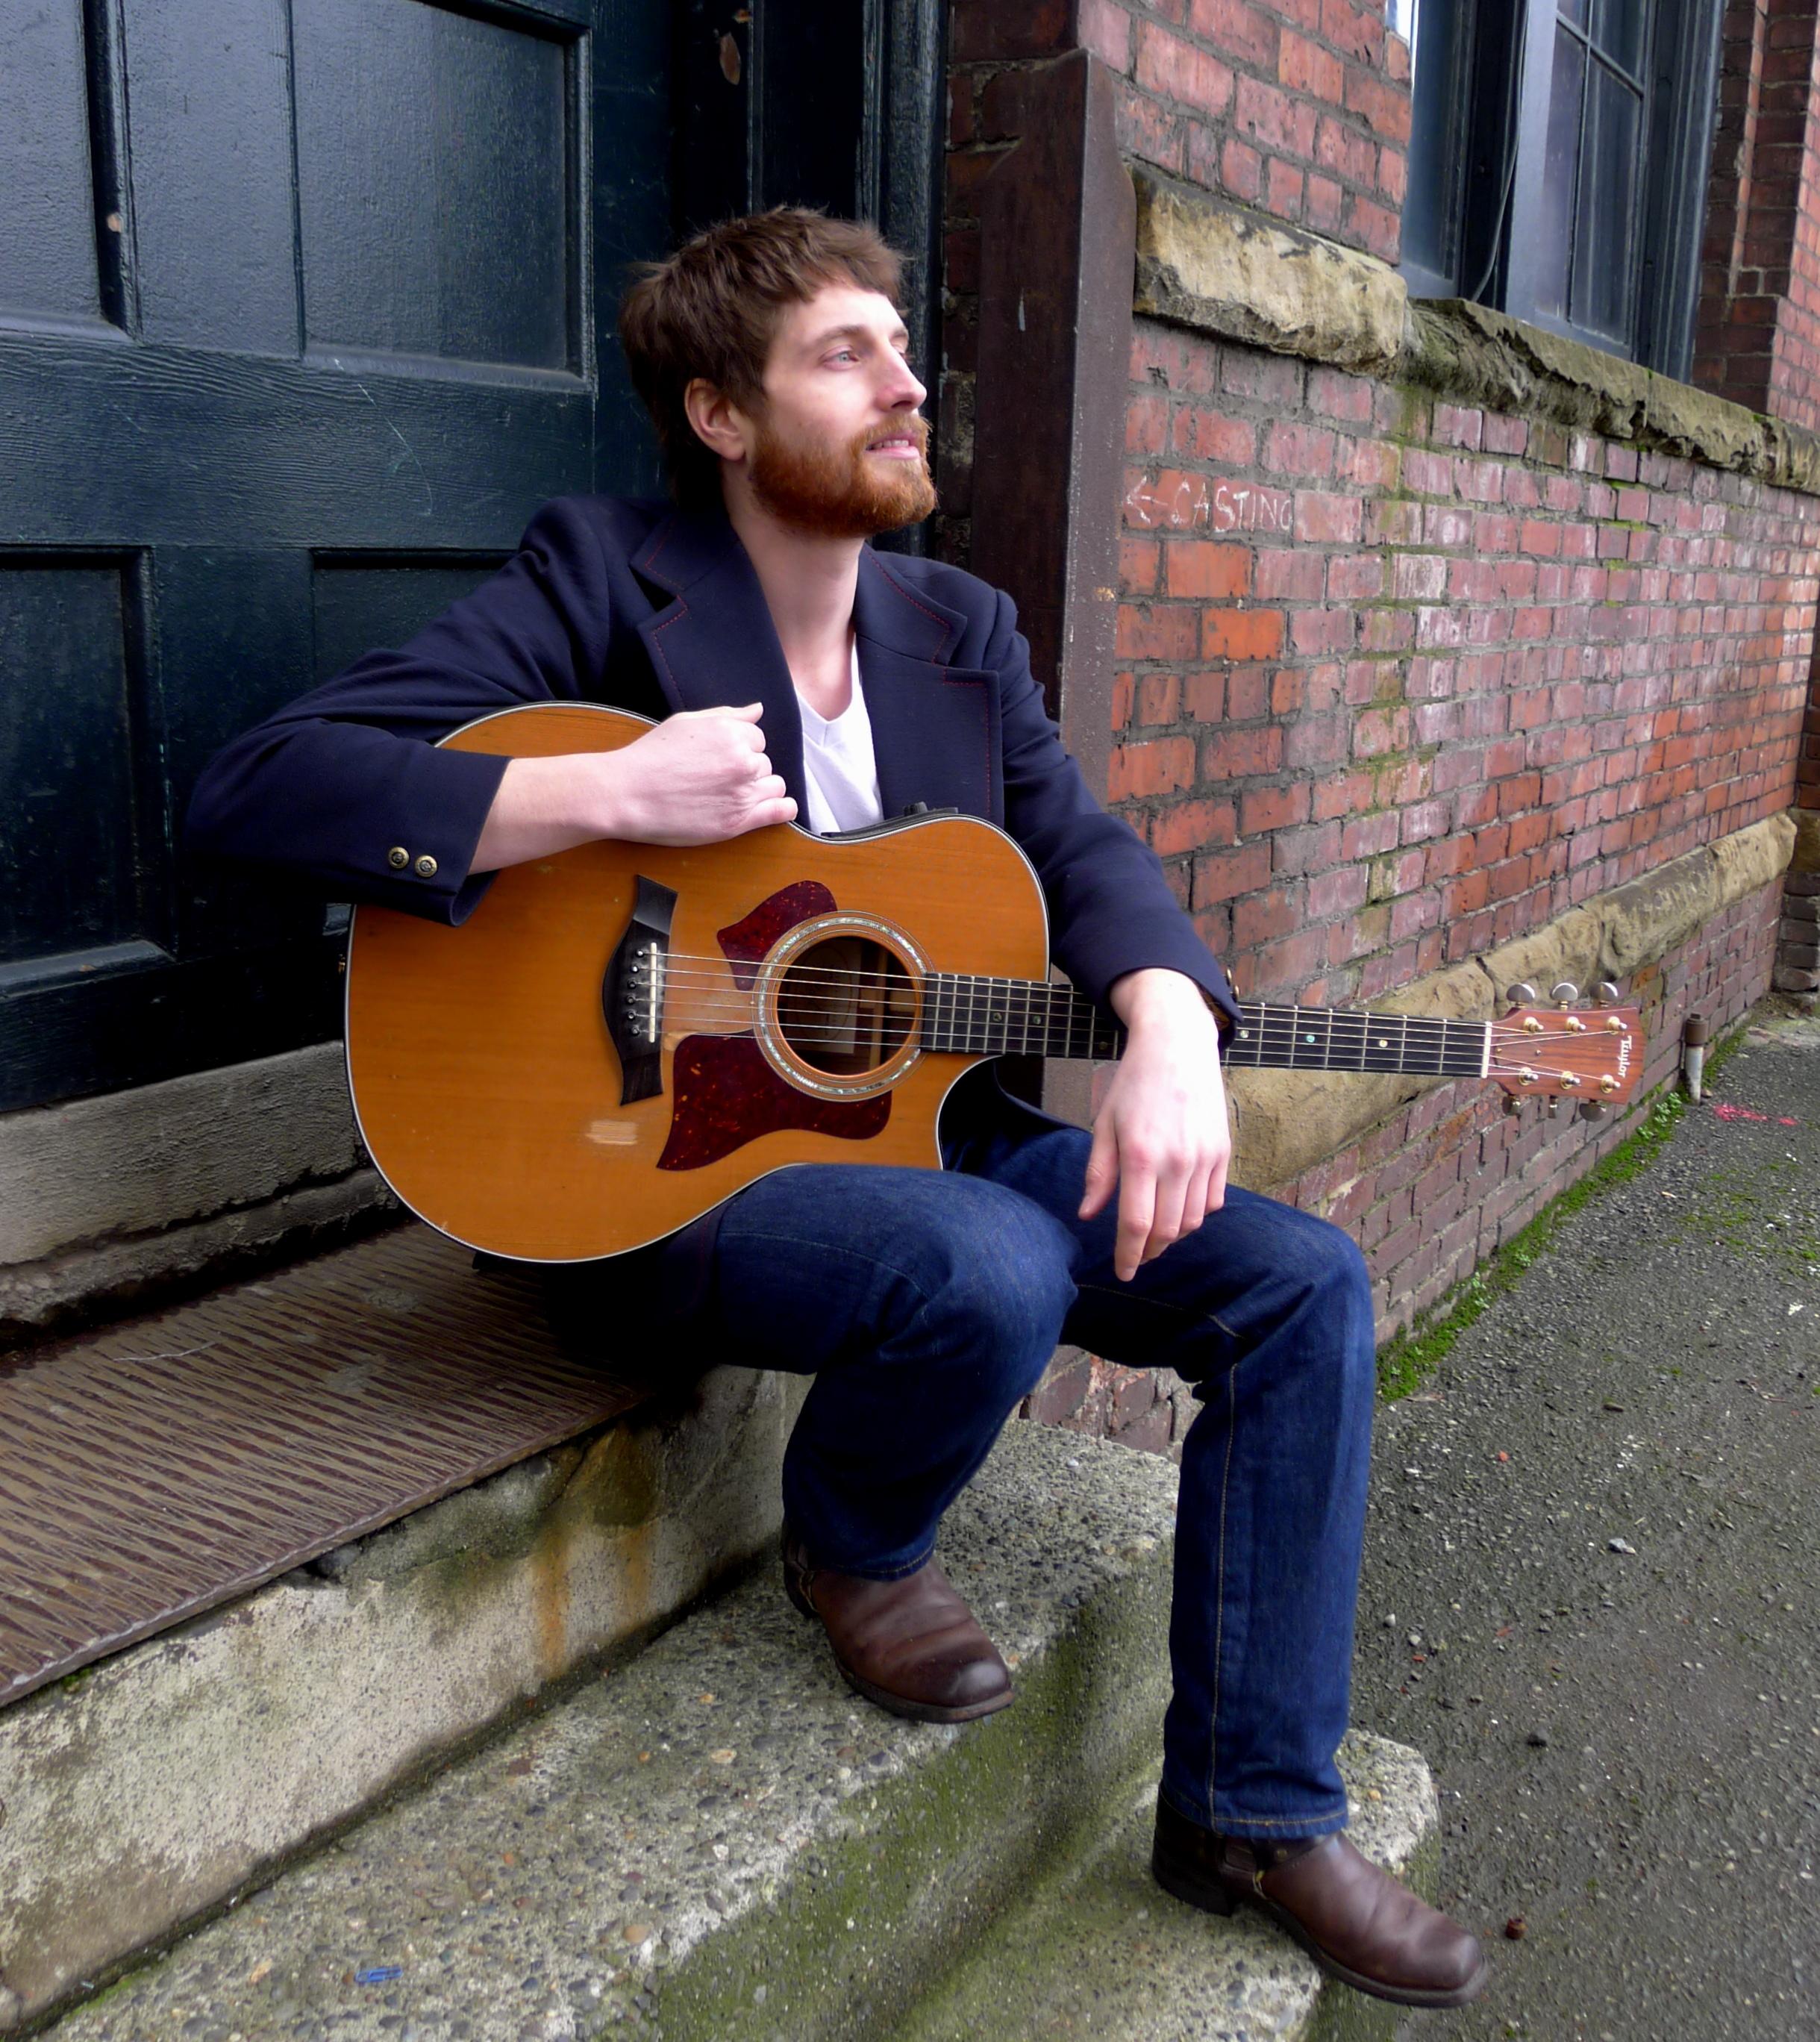 Ian McFeron